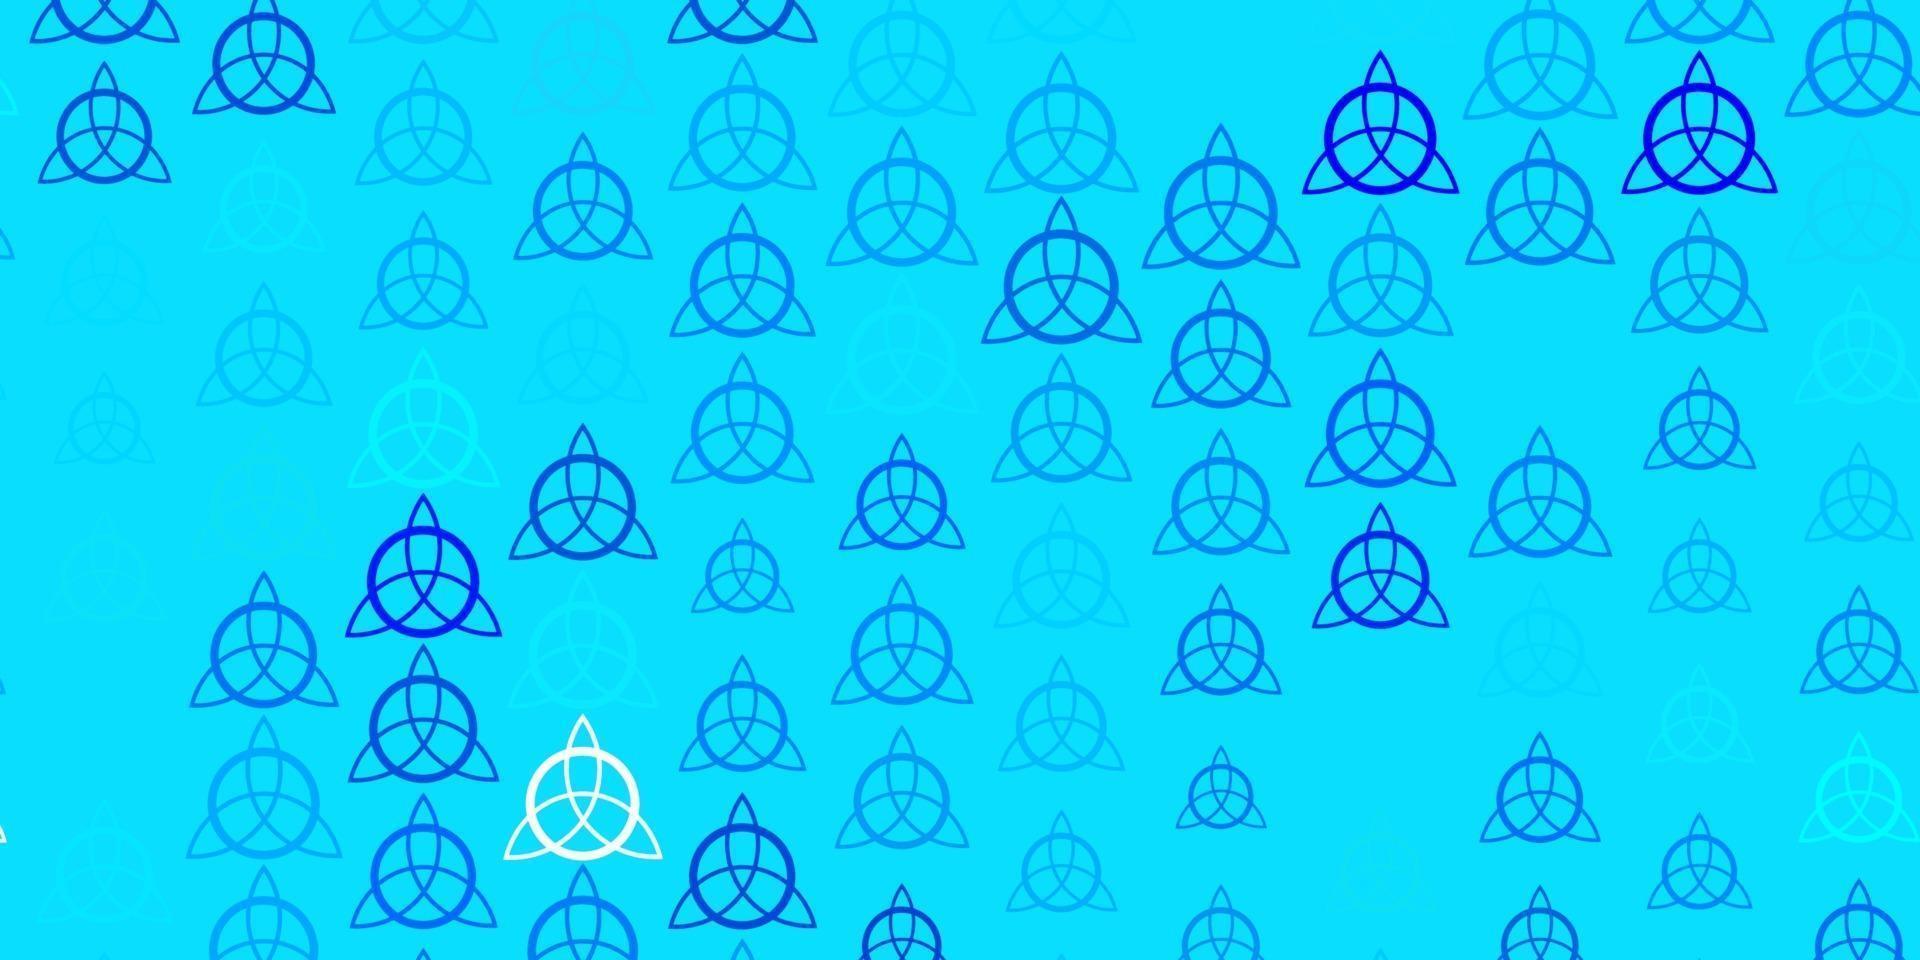 modello vettoriale rosa chiaro, blu con elementi magici.